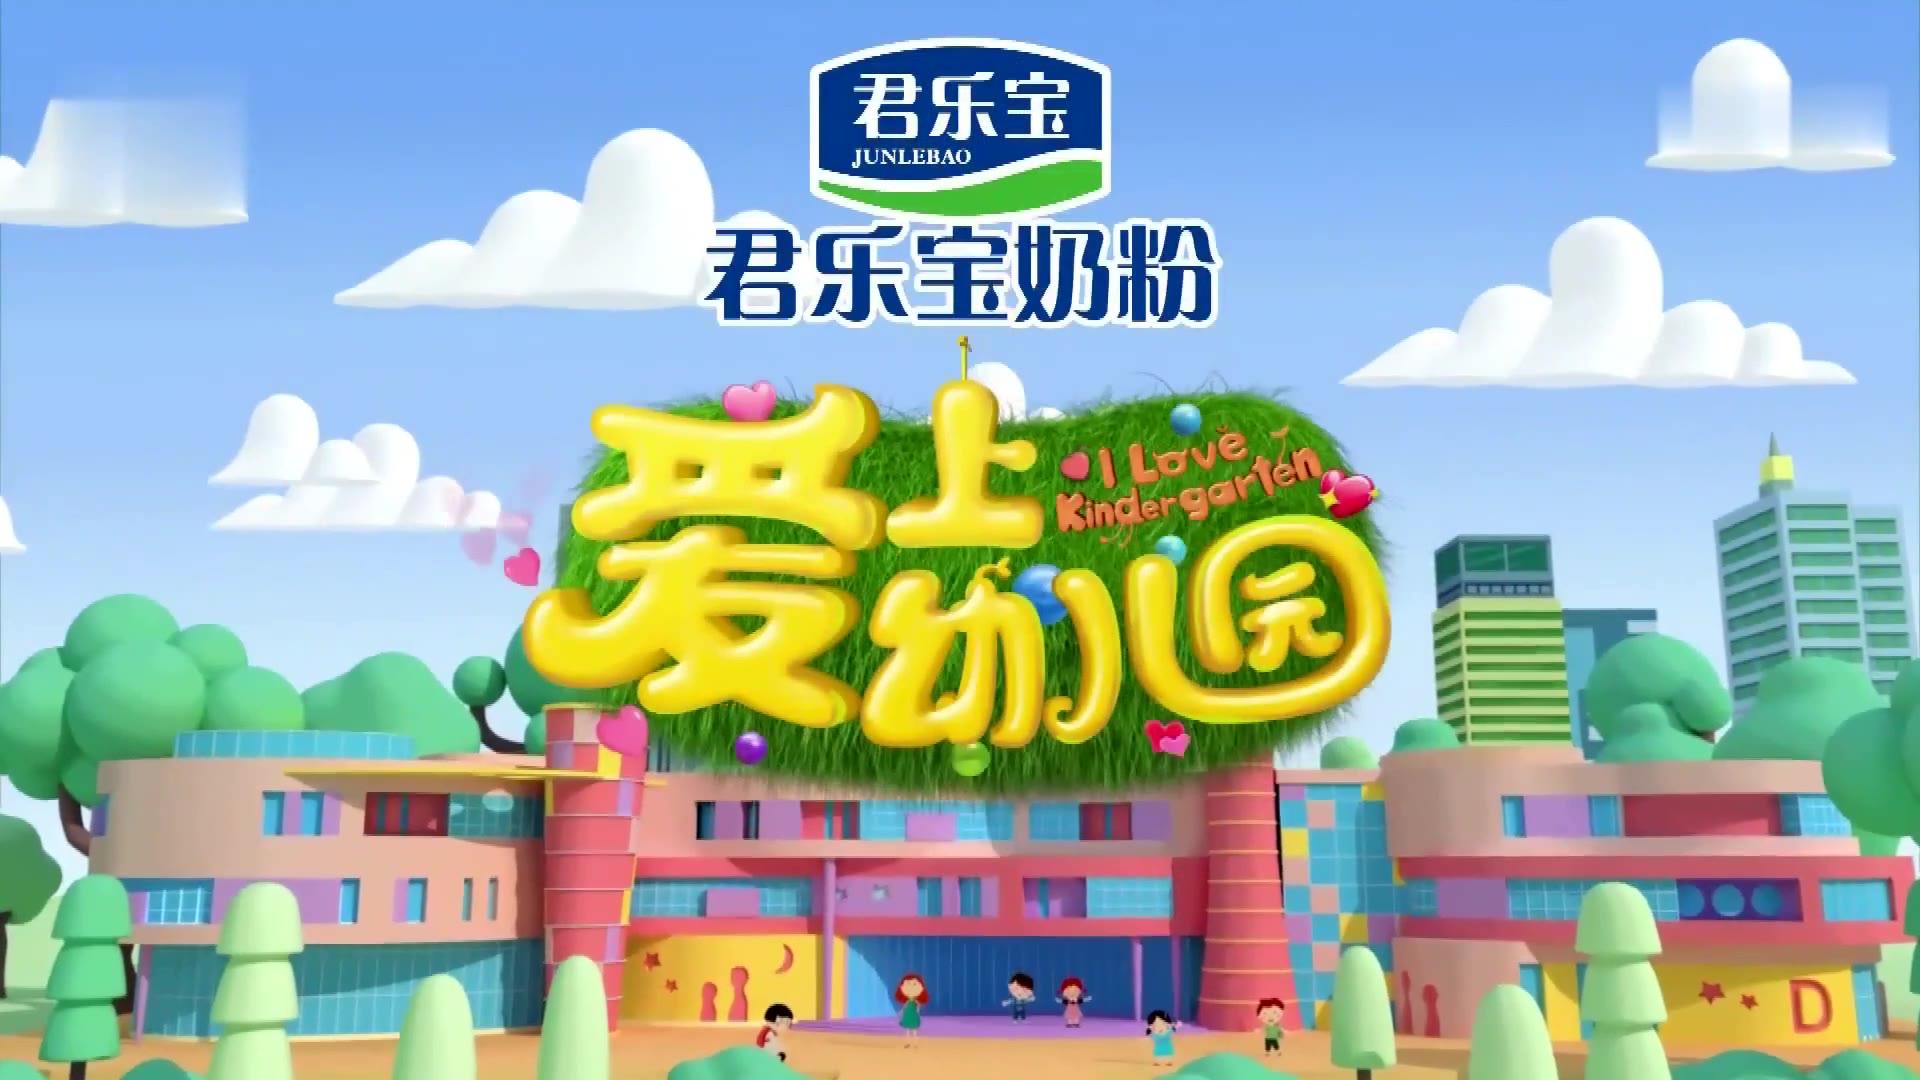 金鹰卡通《爱上幼儿园》历年片头(2015-2020)